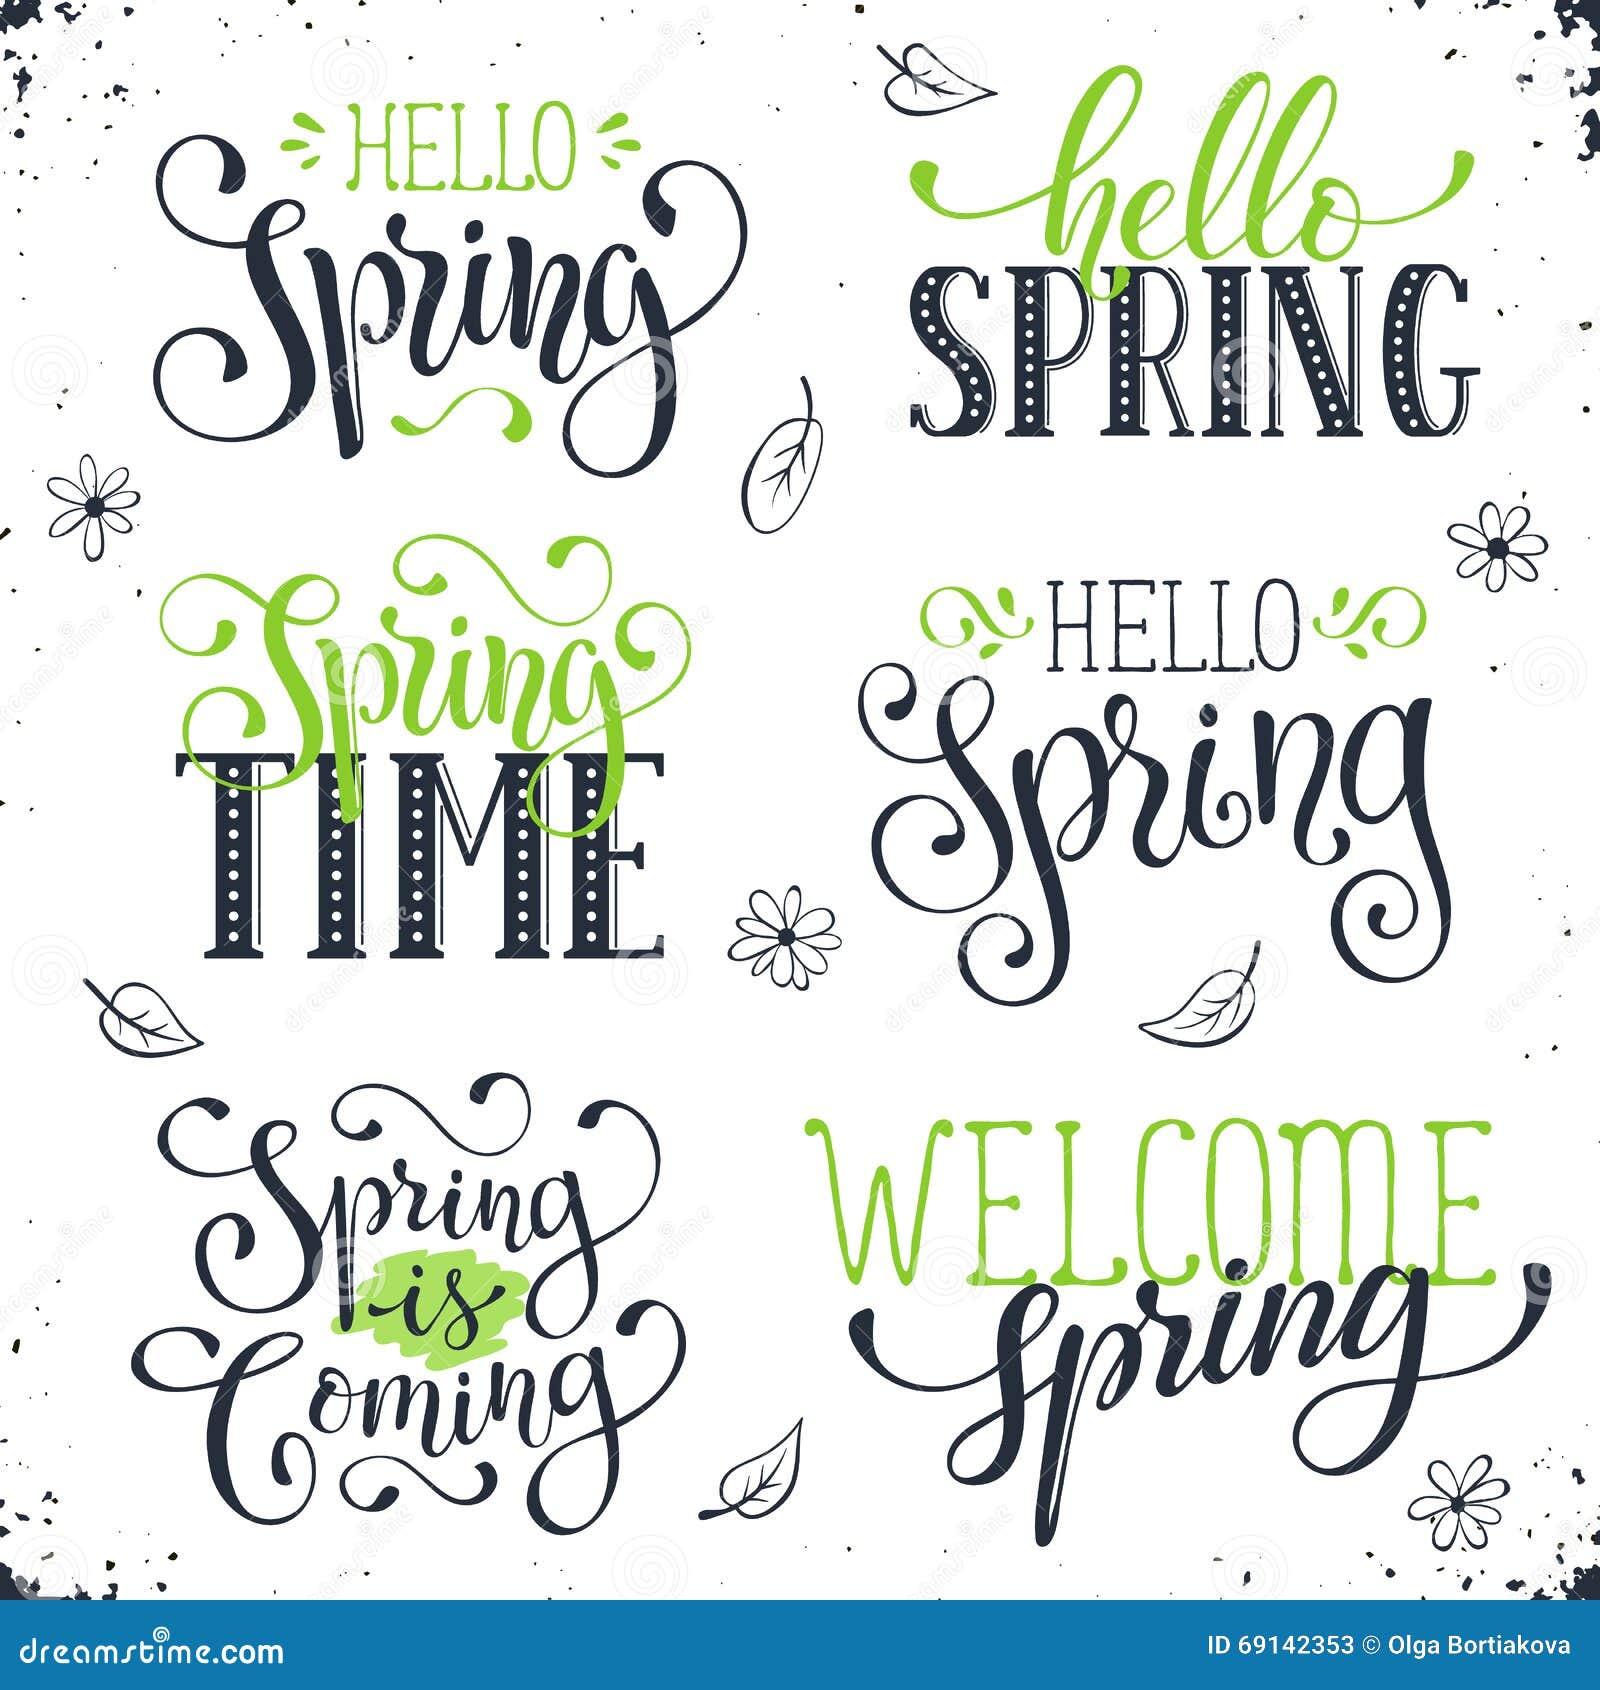 Spring time wording